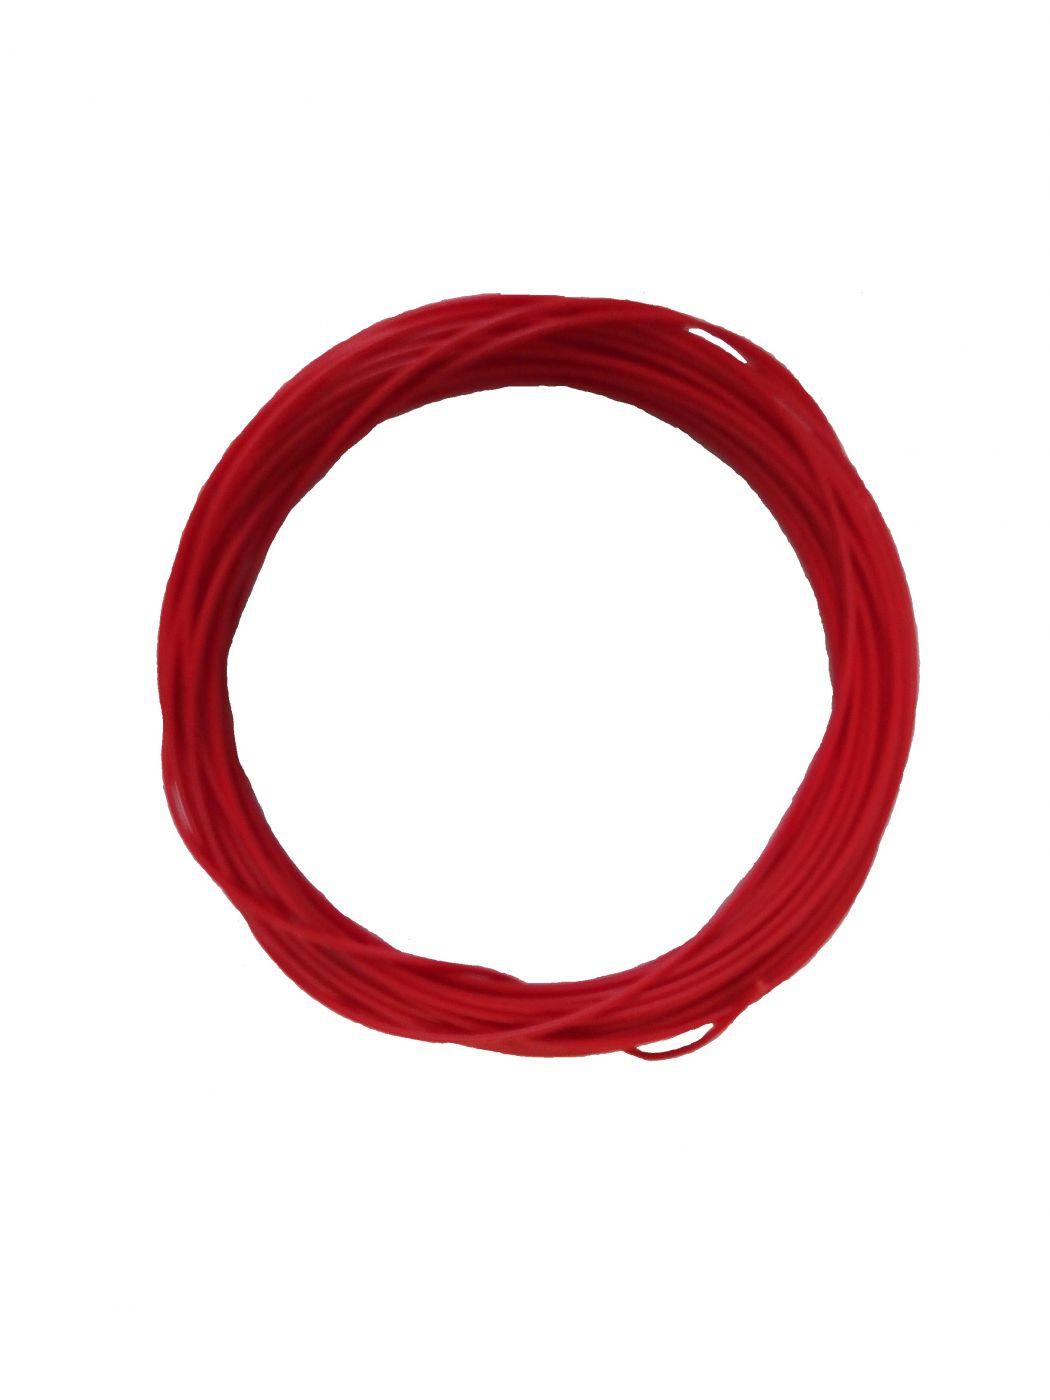 Пластик для 3d ручки ABS красный 5м